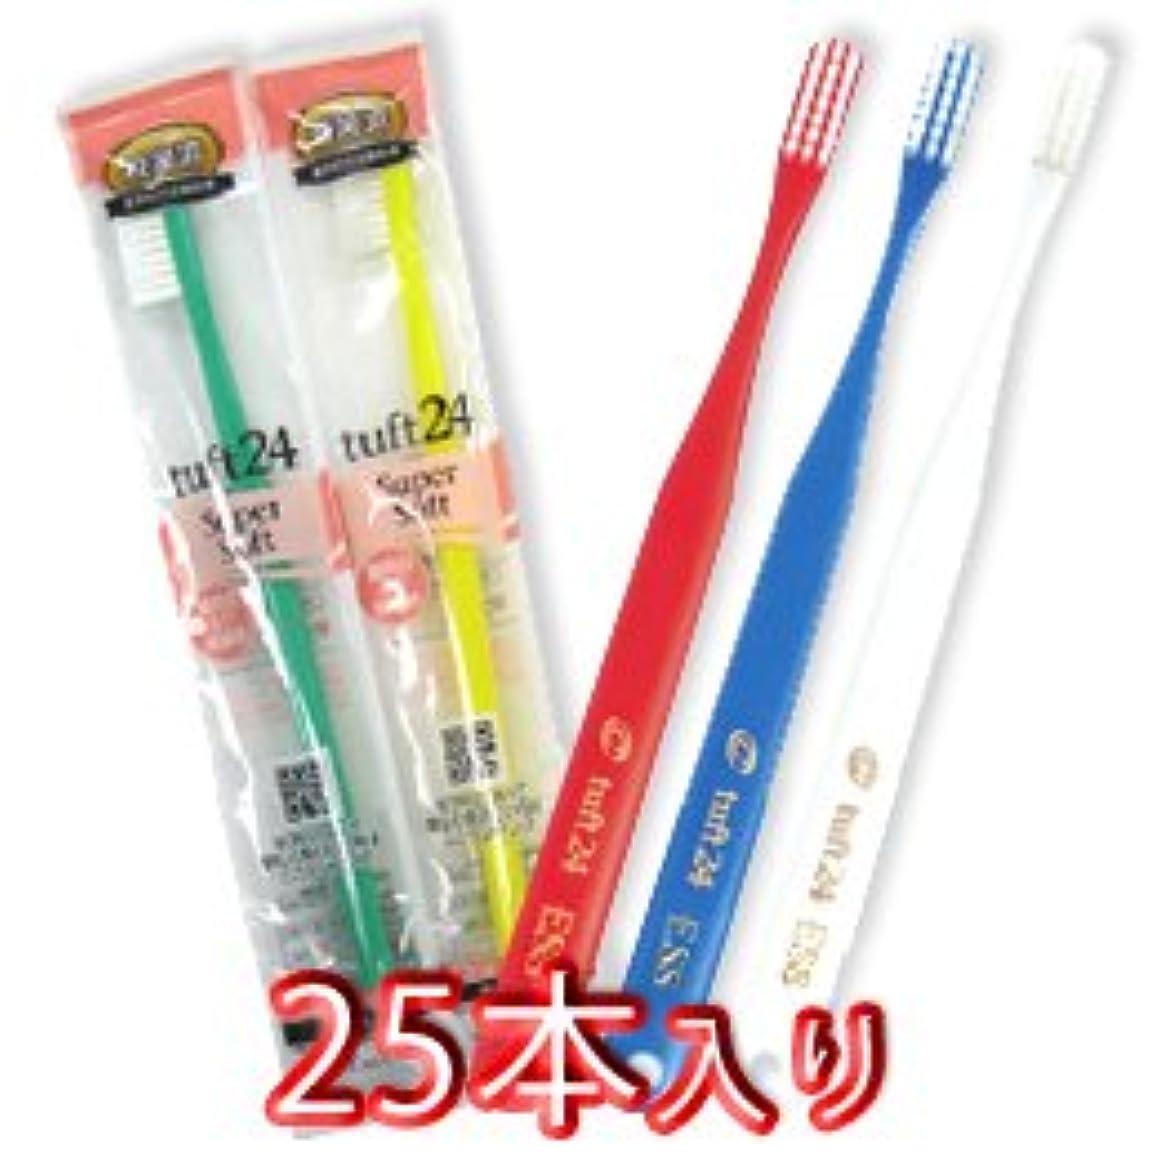 フェデレーション緩めるレタスキャップ付き タフト 24 歯ブラシ スーパーソフト 25本 (アソート)